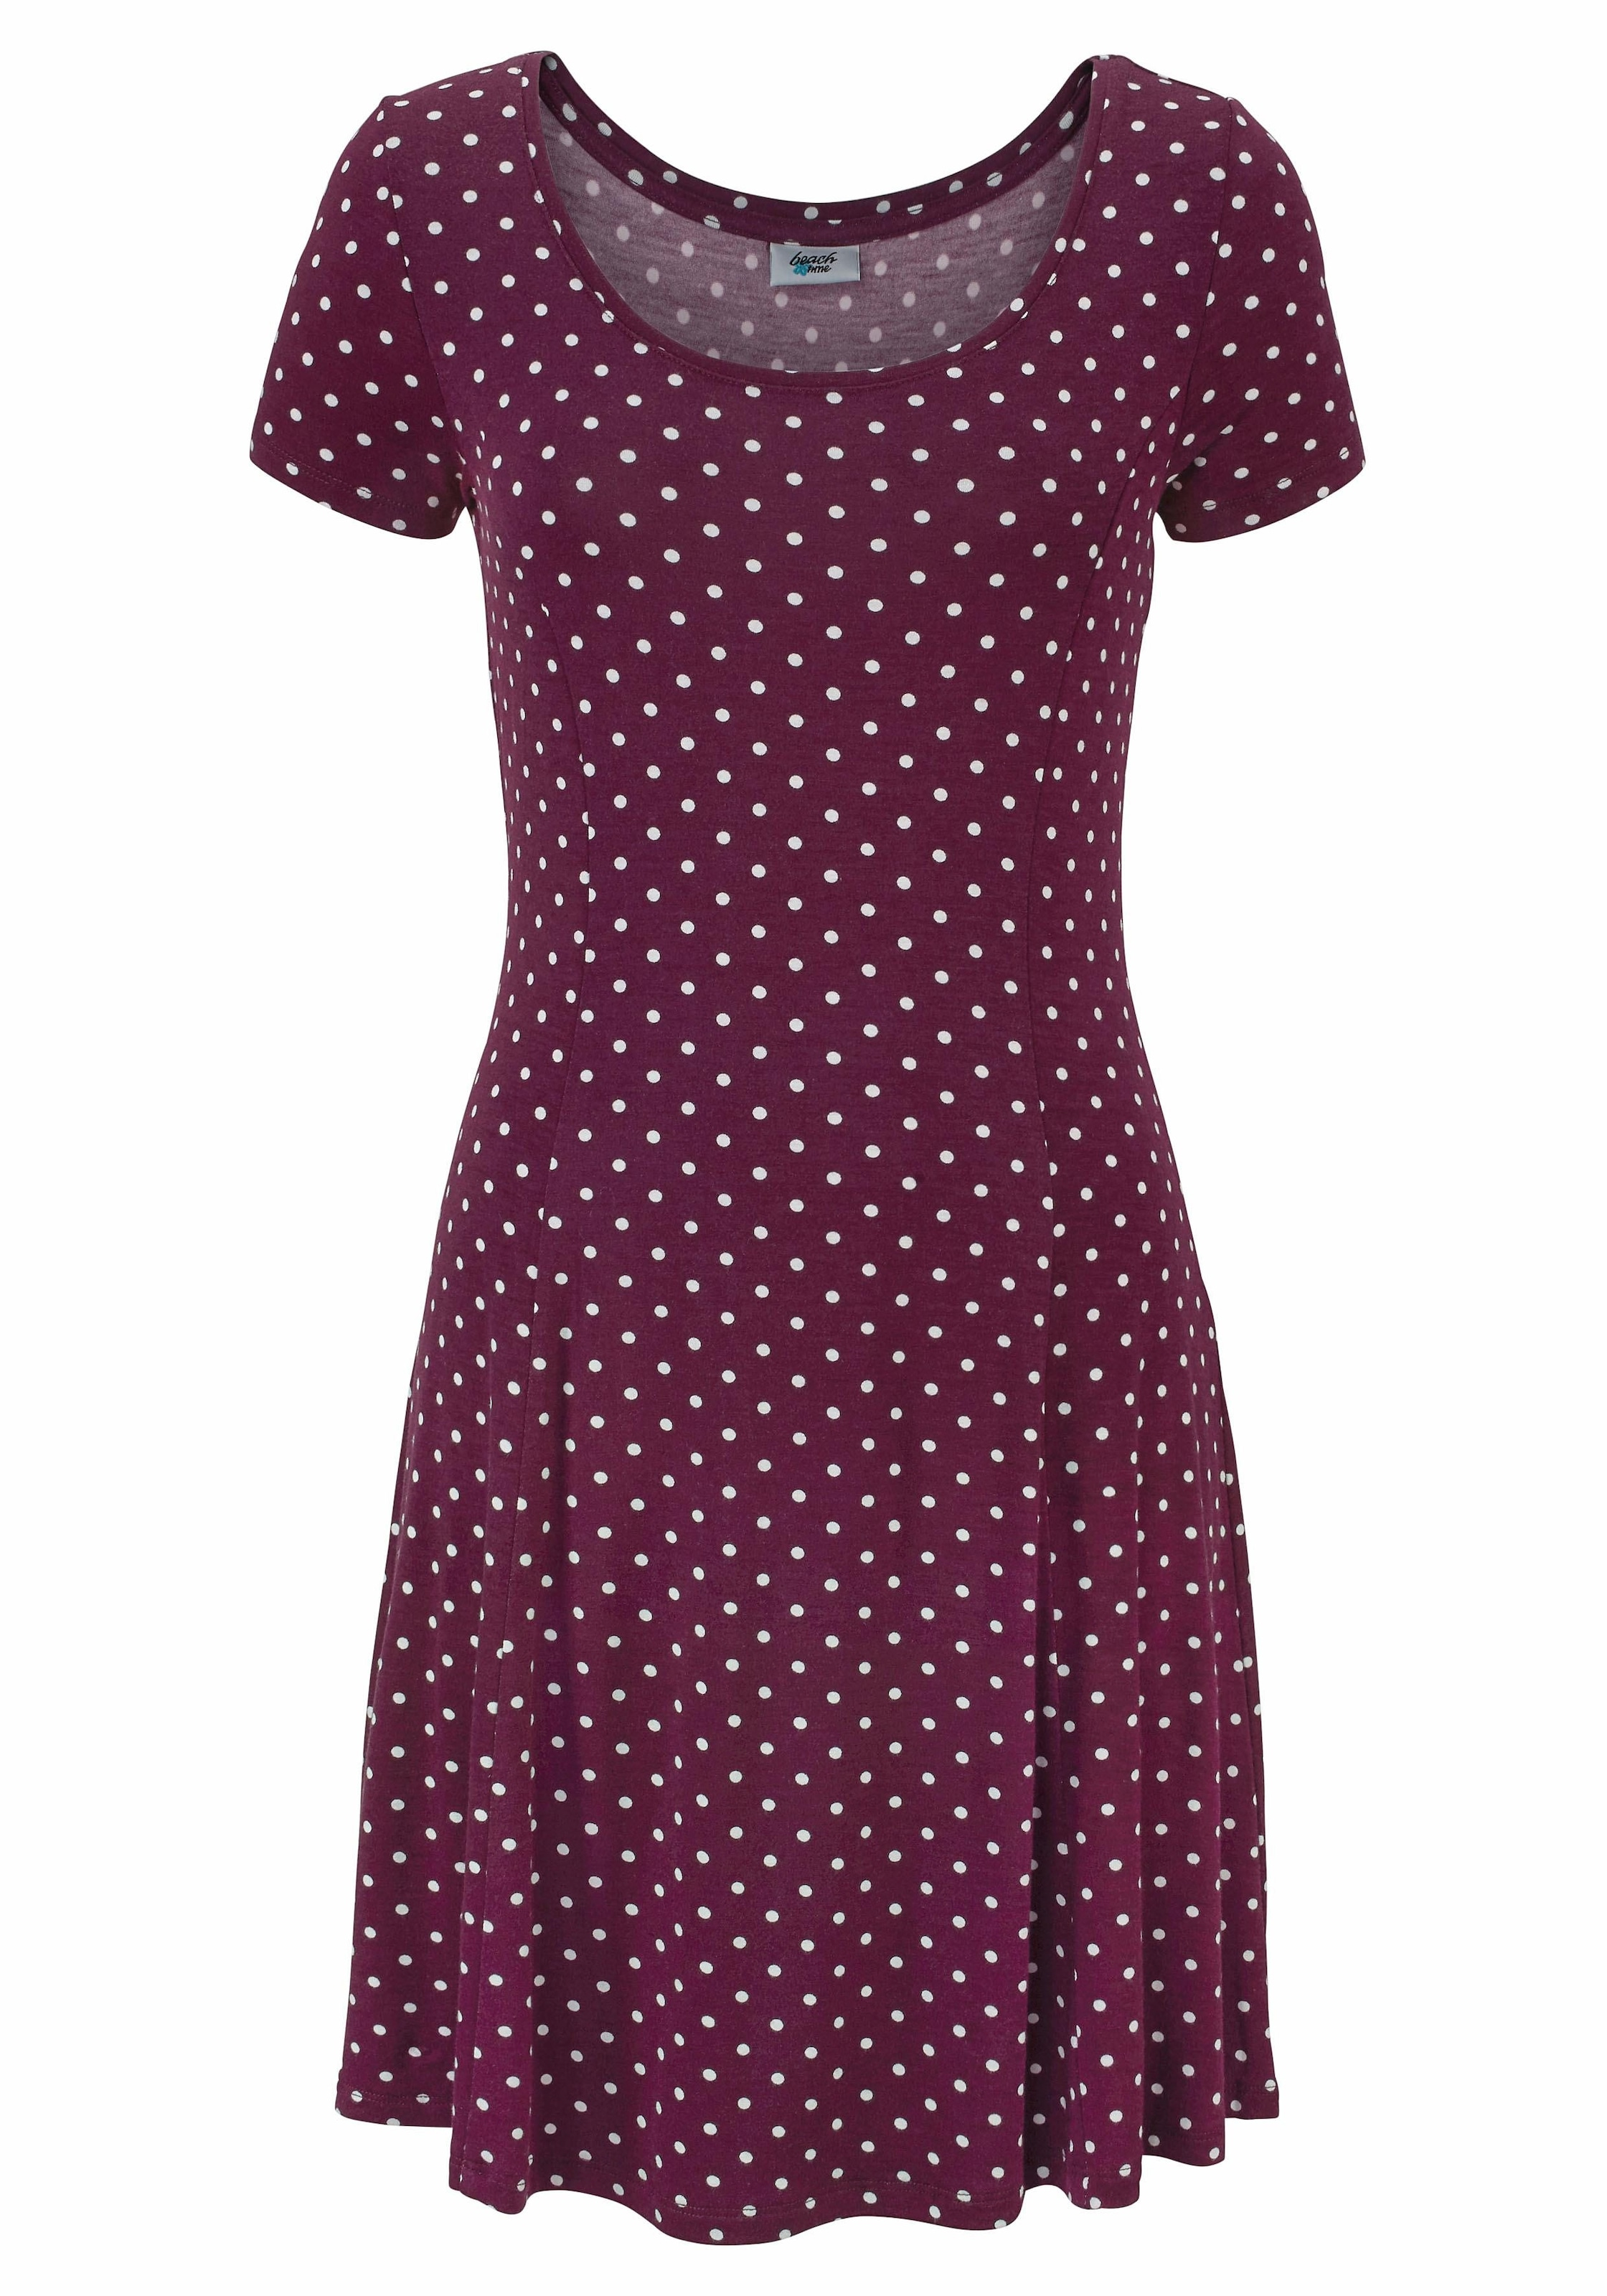 0879a8b81752c0 Beachtime Strandkleid online kaufen